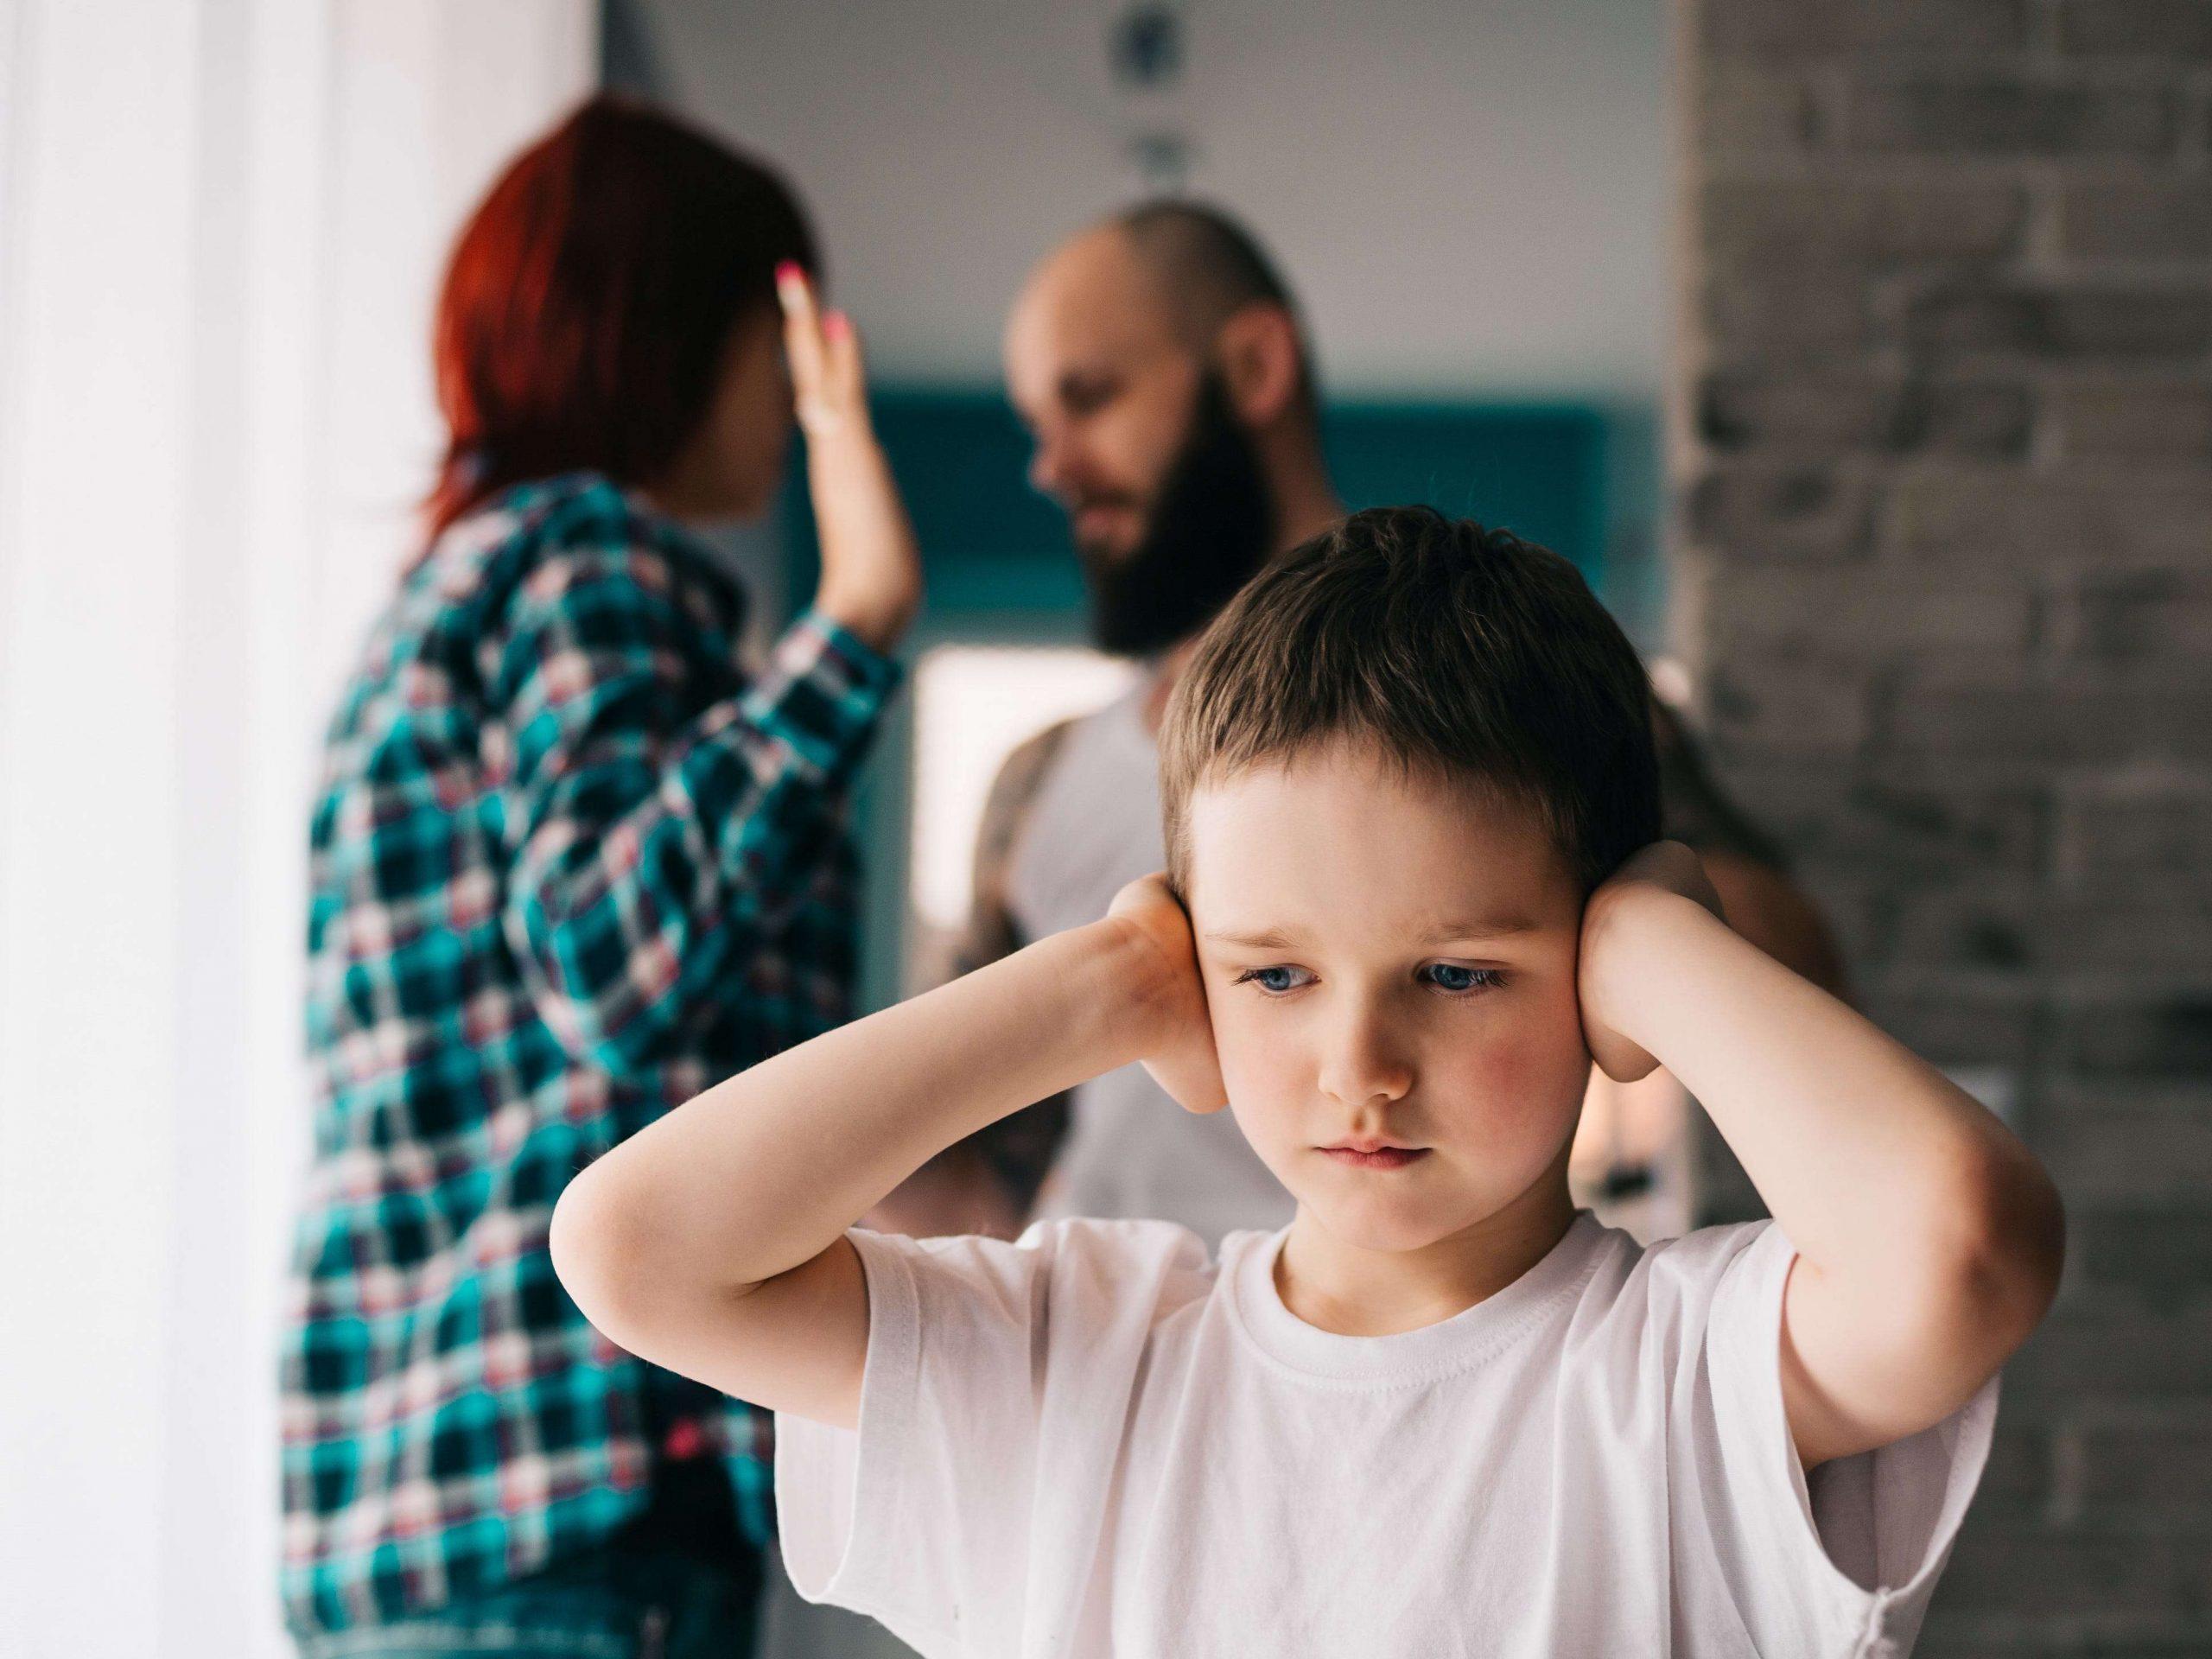 Τοξικοί Γονείς: Πώς επηρεάζουν τη ζωή σας πως να απελευθερωθείτε